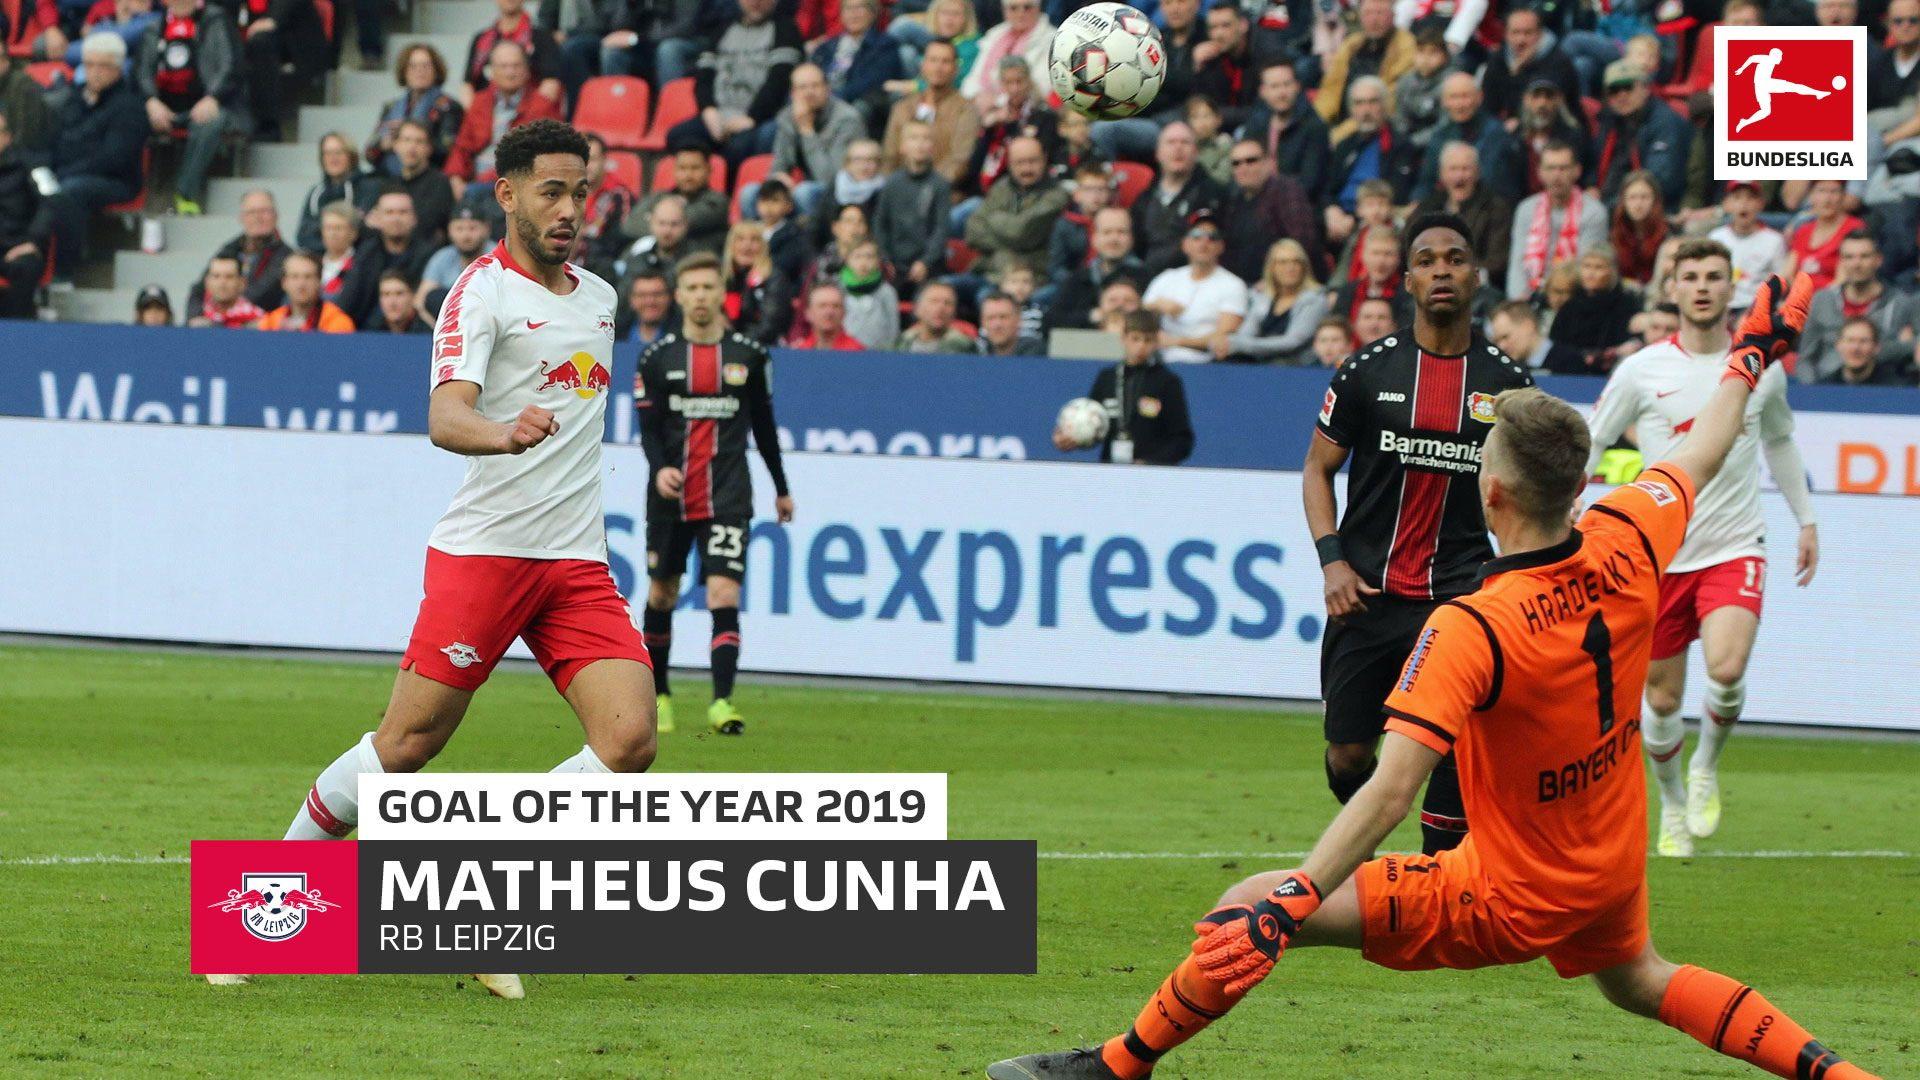 Leipzig's Cunha wins Bundesliga Goal of the Year 2019!